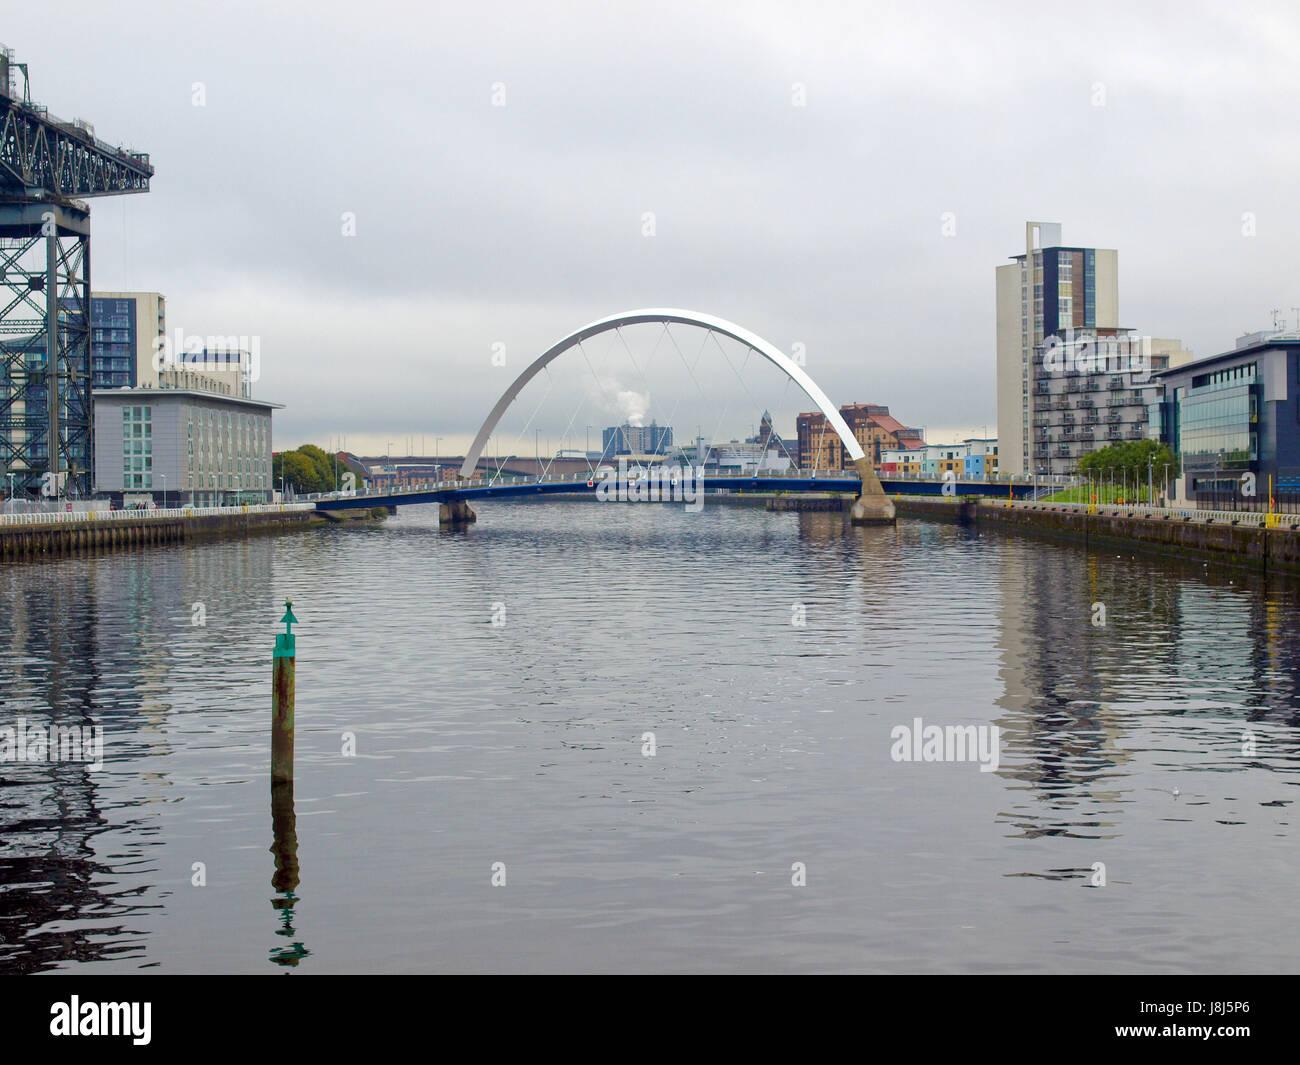 city, town, bridge, centre, center, britain, glasgow, city, town, bridge, - Stock Image